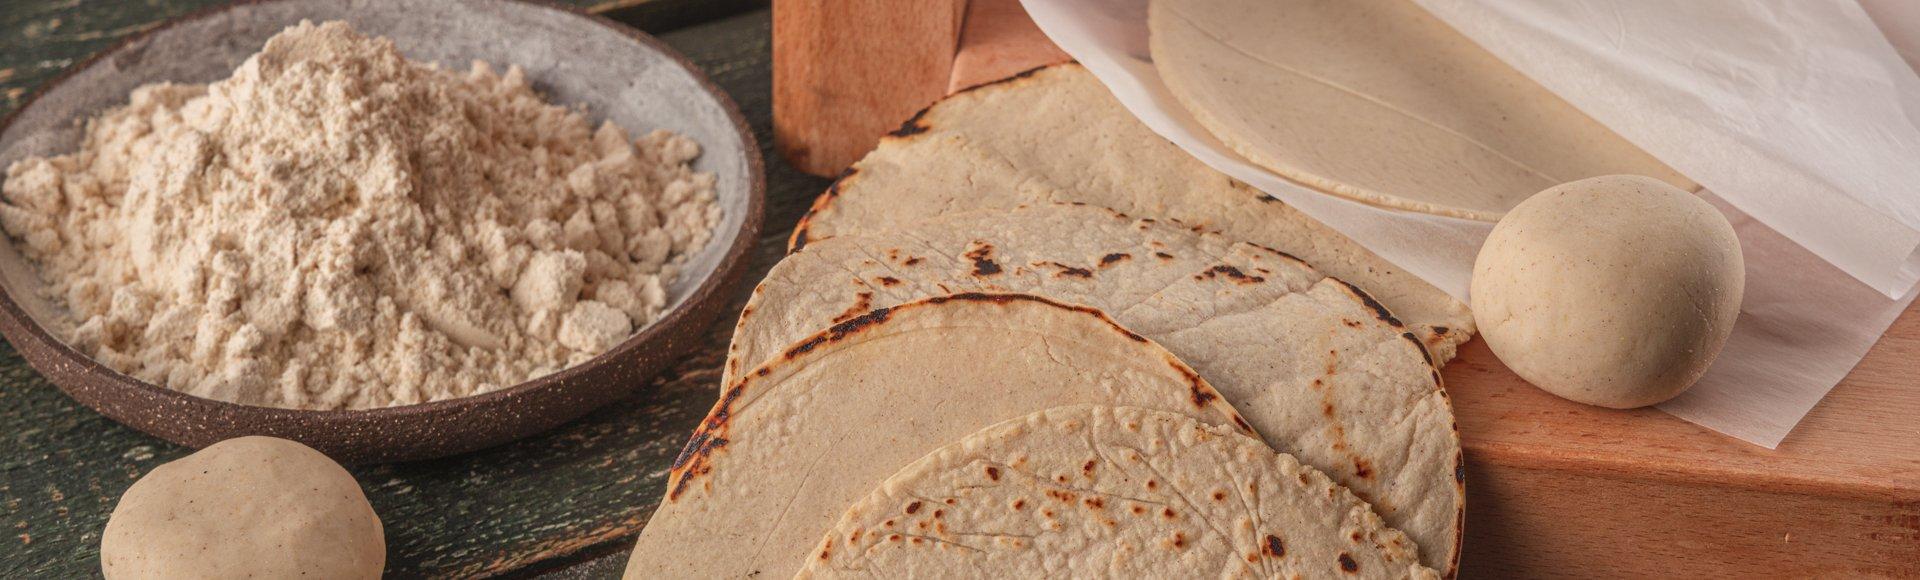 Τορτίγια από καλαμποκάλευρο (Masa Harina)